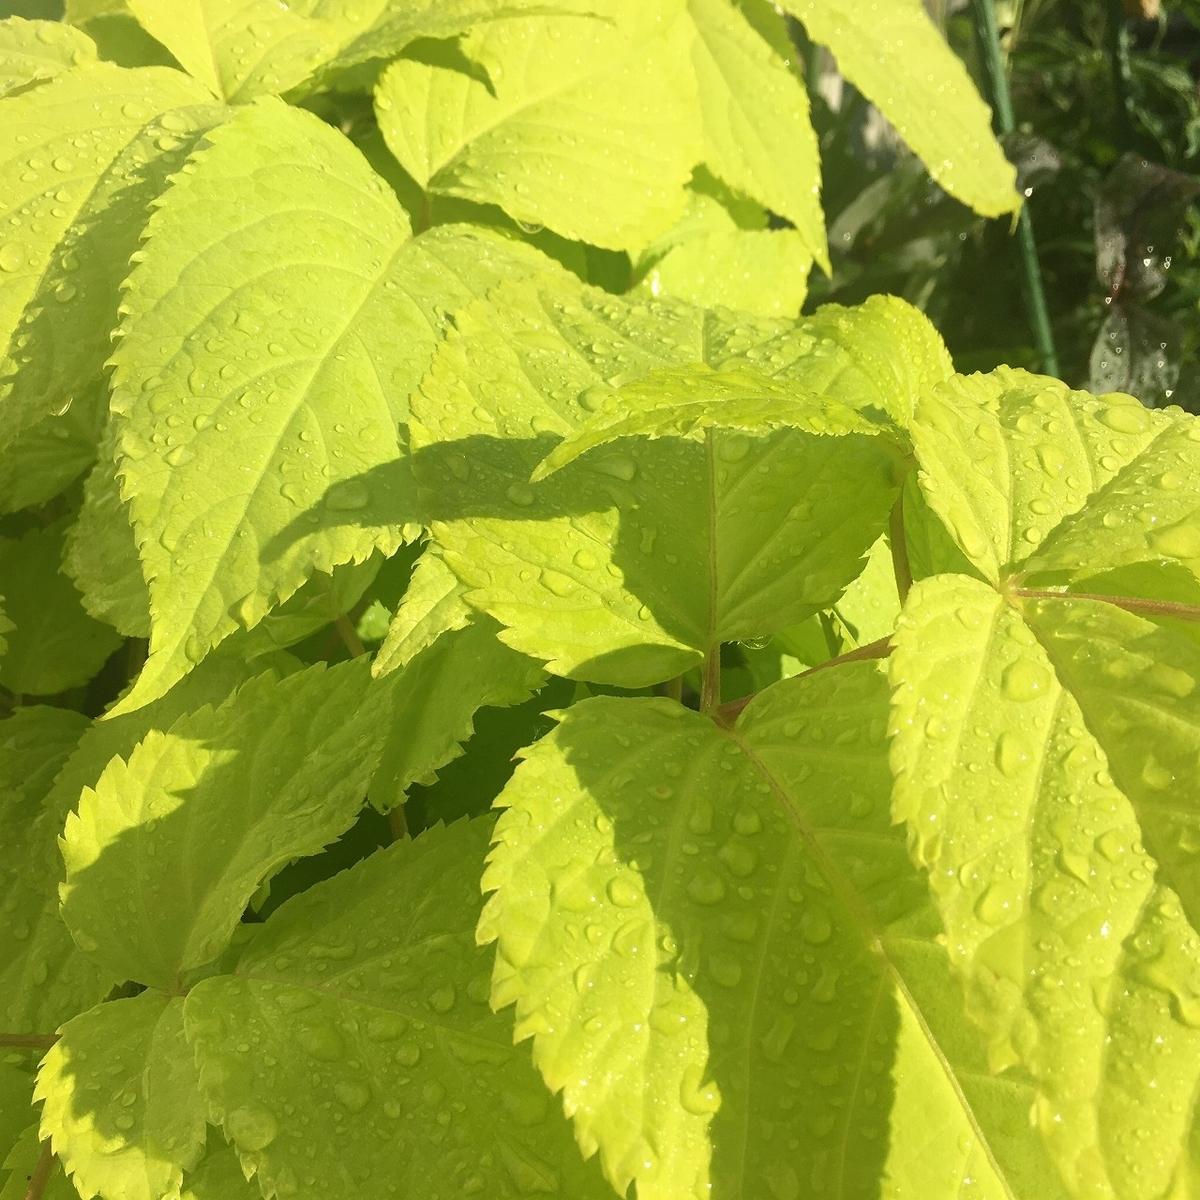 カラーリーフ ライムグリーン アラリア サンキング シェードガーデン 宿根草 植えっぱなし 育て方 黄金ウド 花